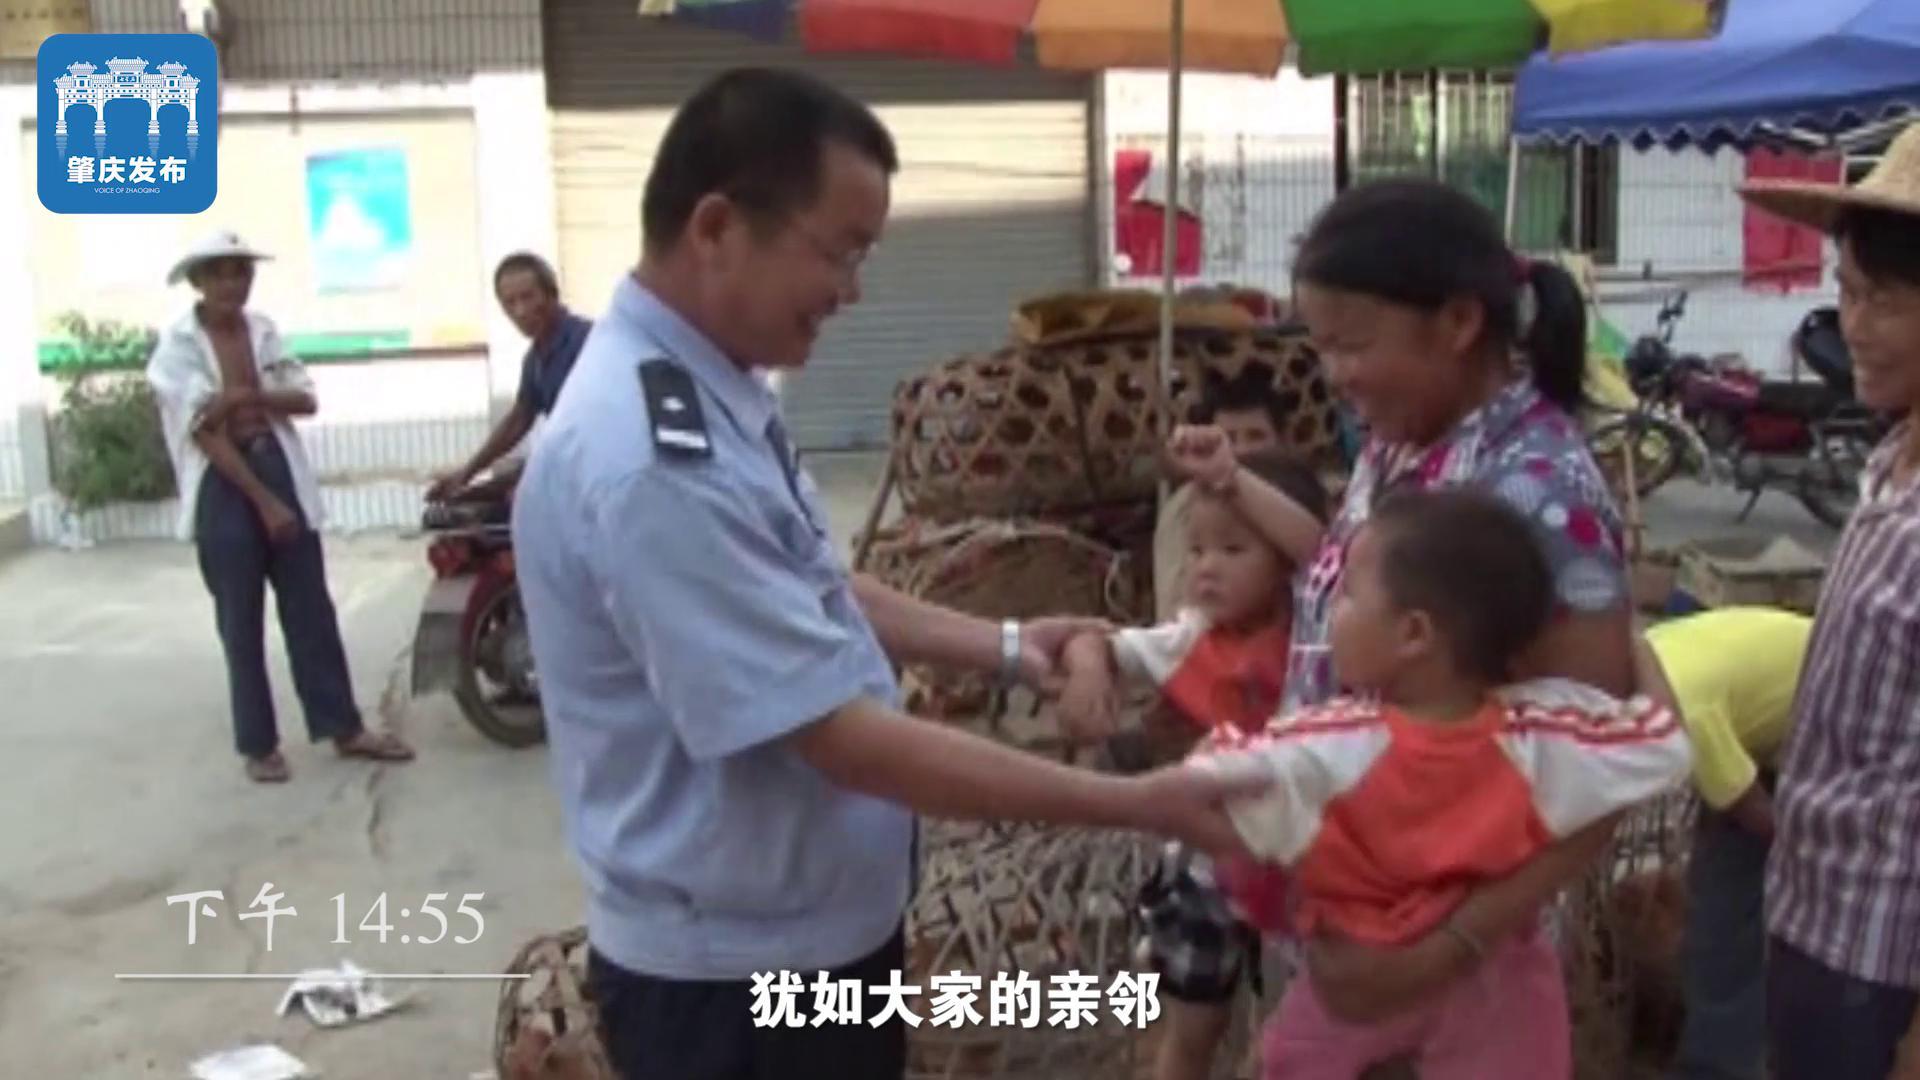 德庆县公安局官圩派出所民警聂桂清